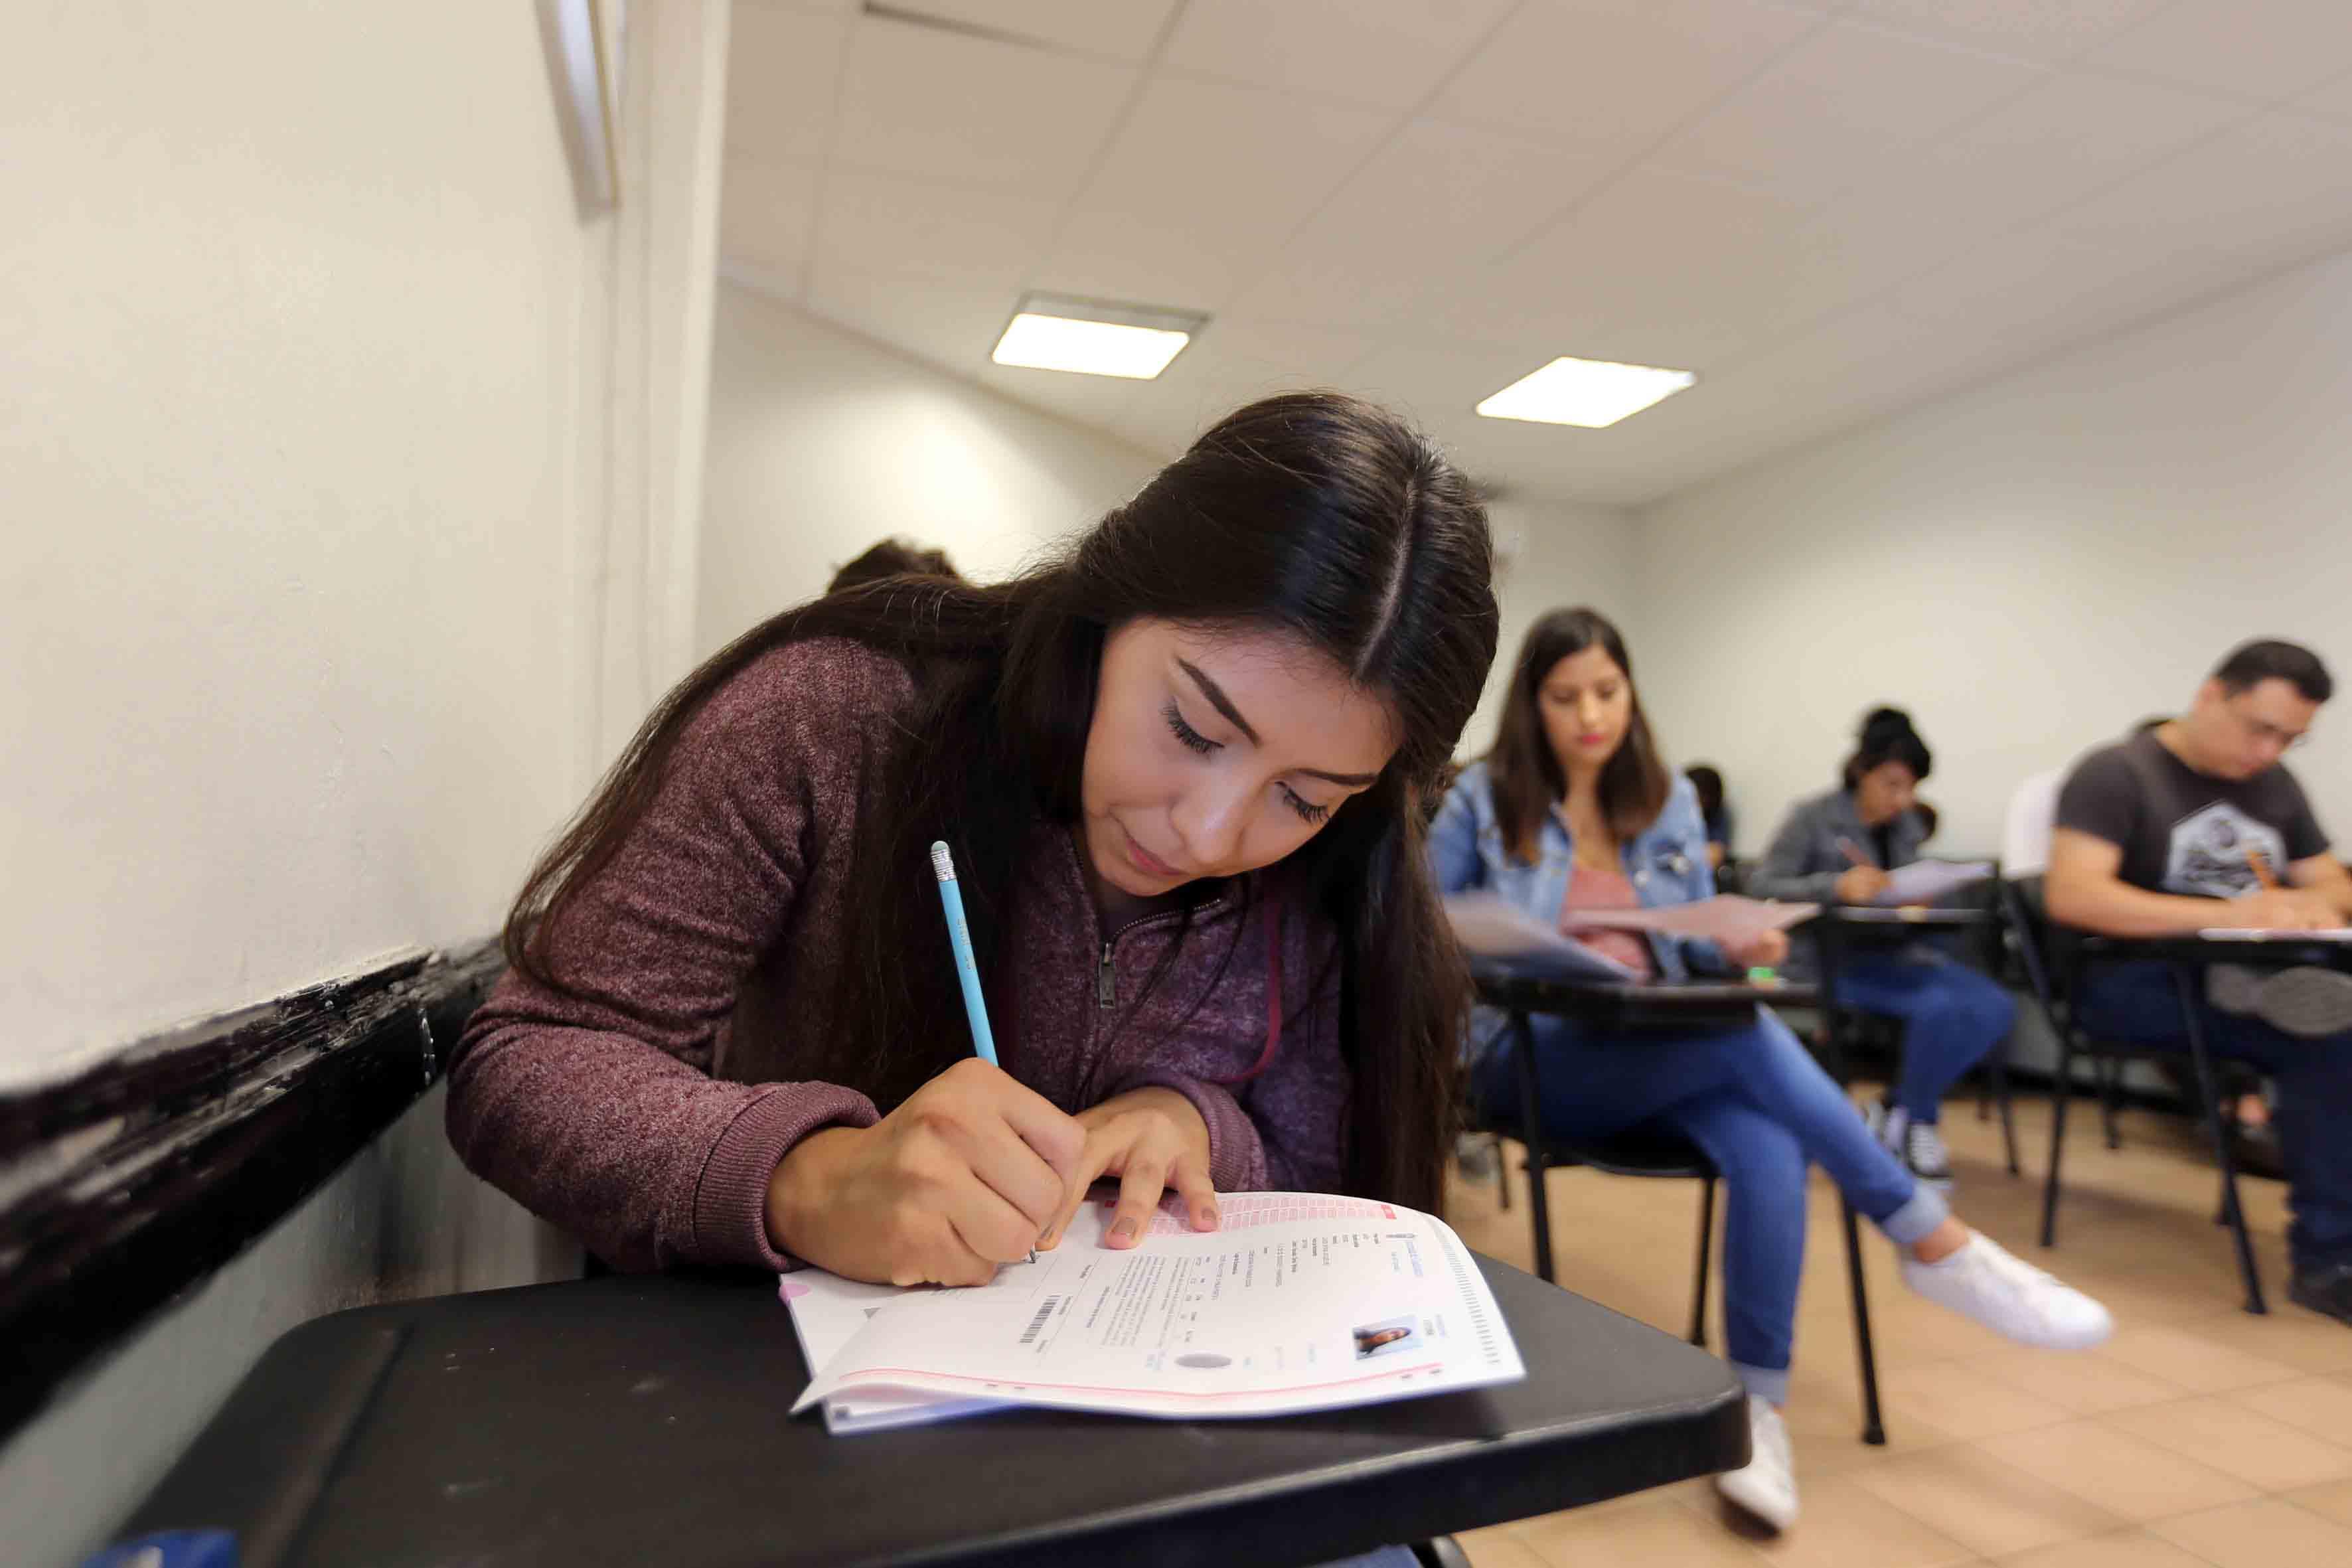 Joven aspirante aplicando examen de admisión para licenciatura de la Universidad de Guadalajara.